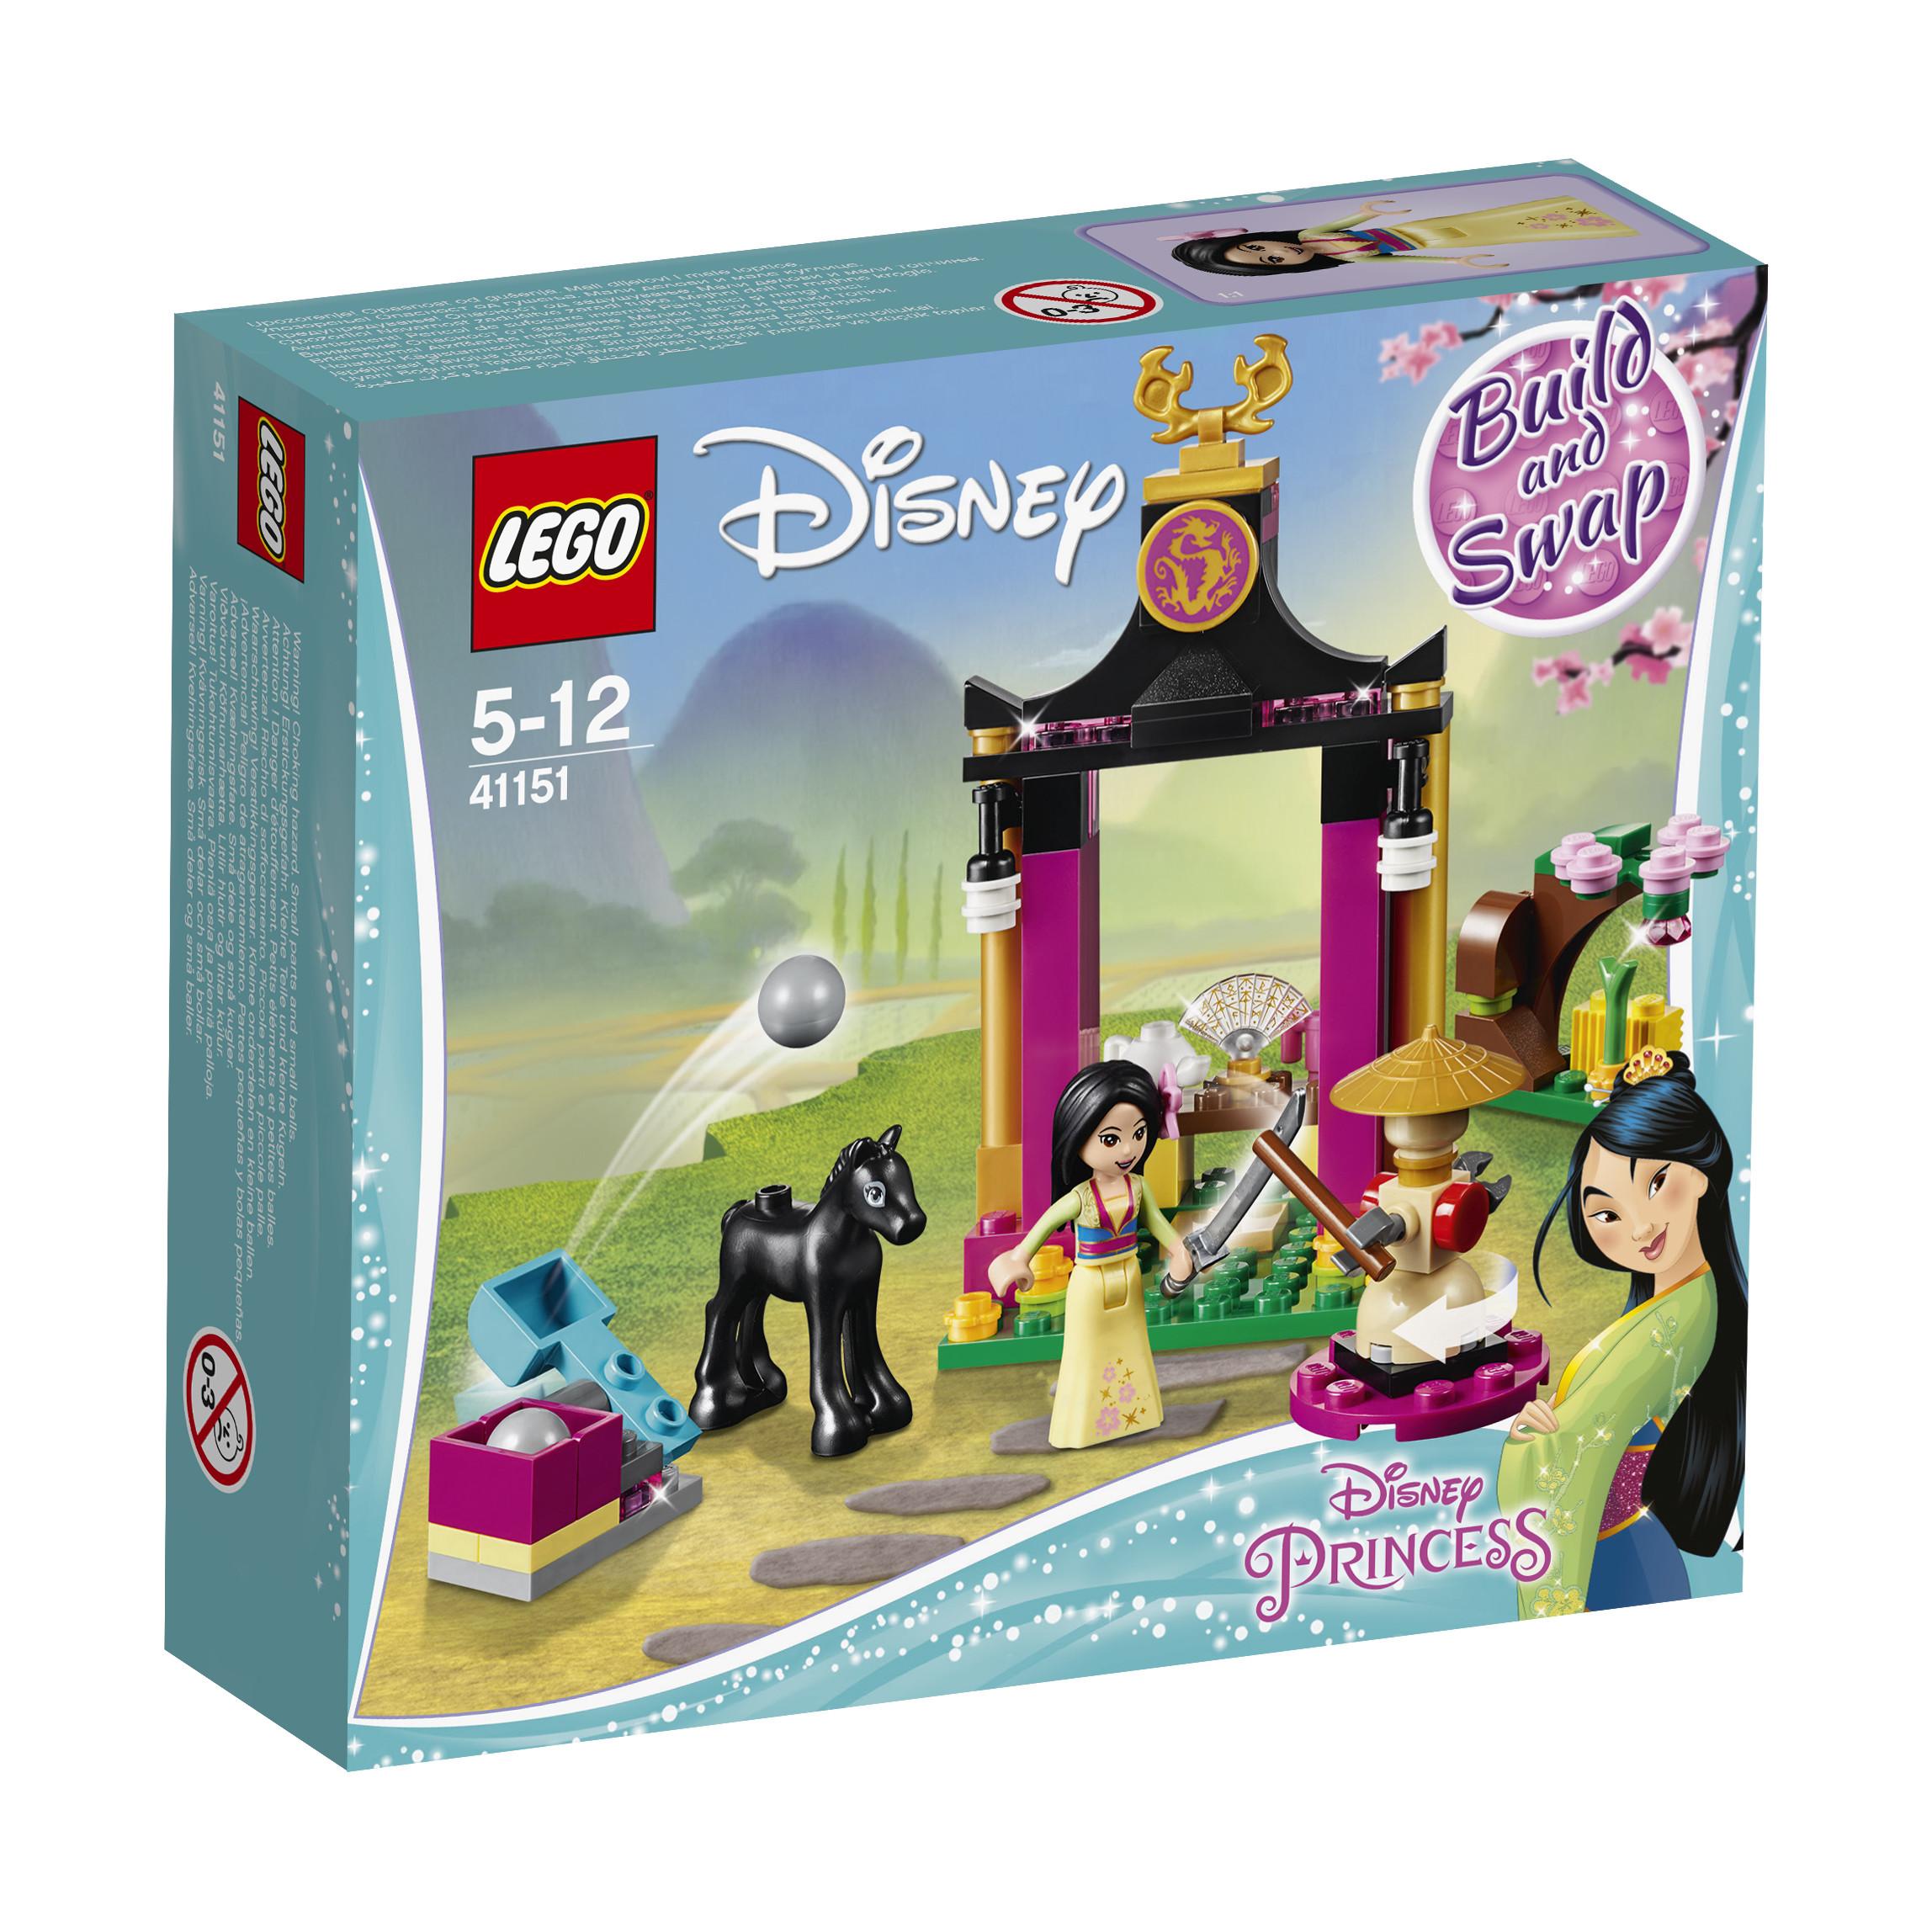 LEGO LEGO Конструктор LEGO Disney Princess 41151 Учебный день Мулан конструктор lego disney princess королевские питомцы жемчужинка 41069